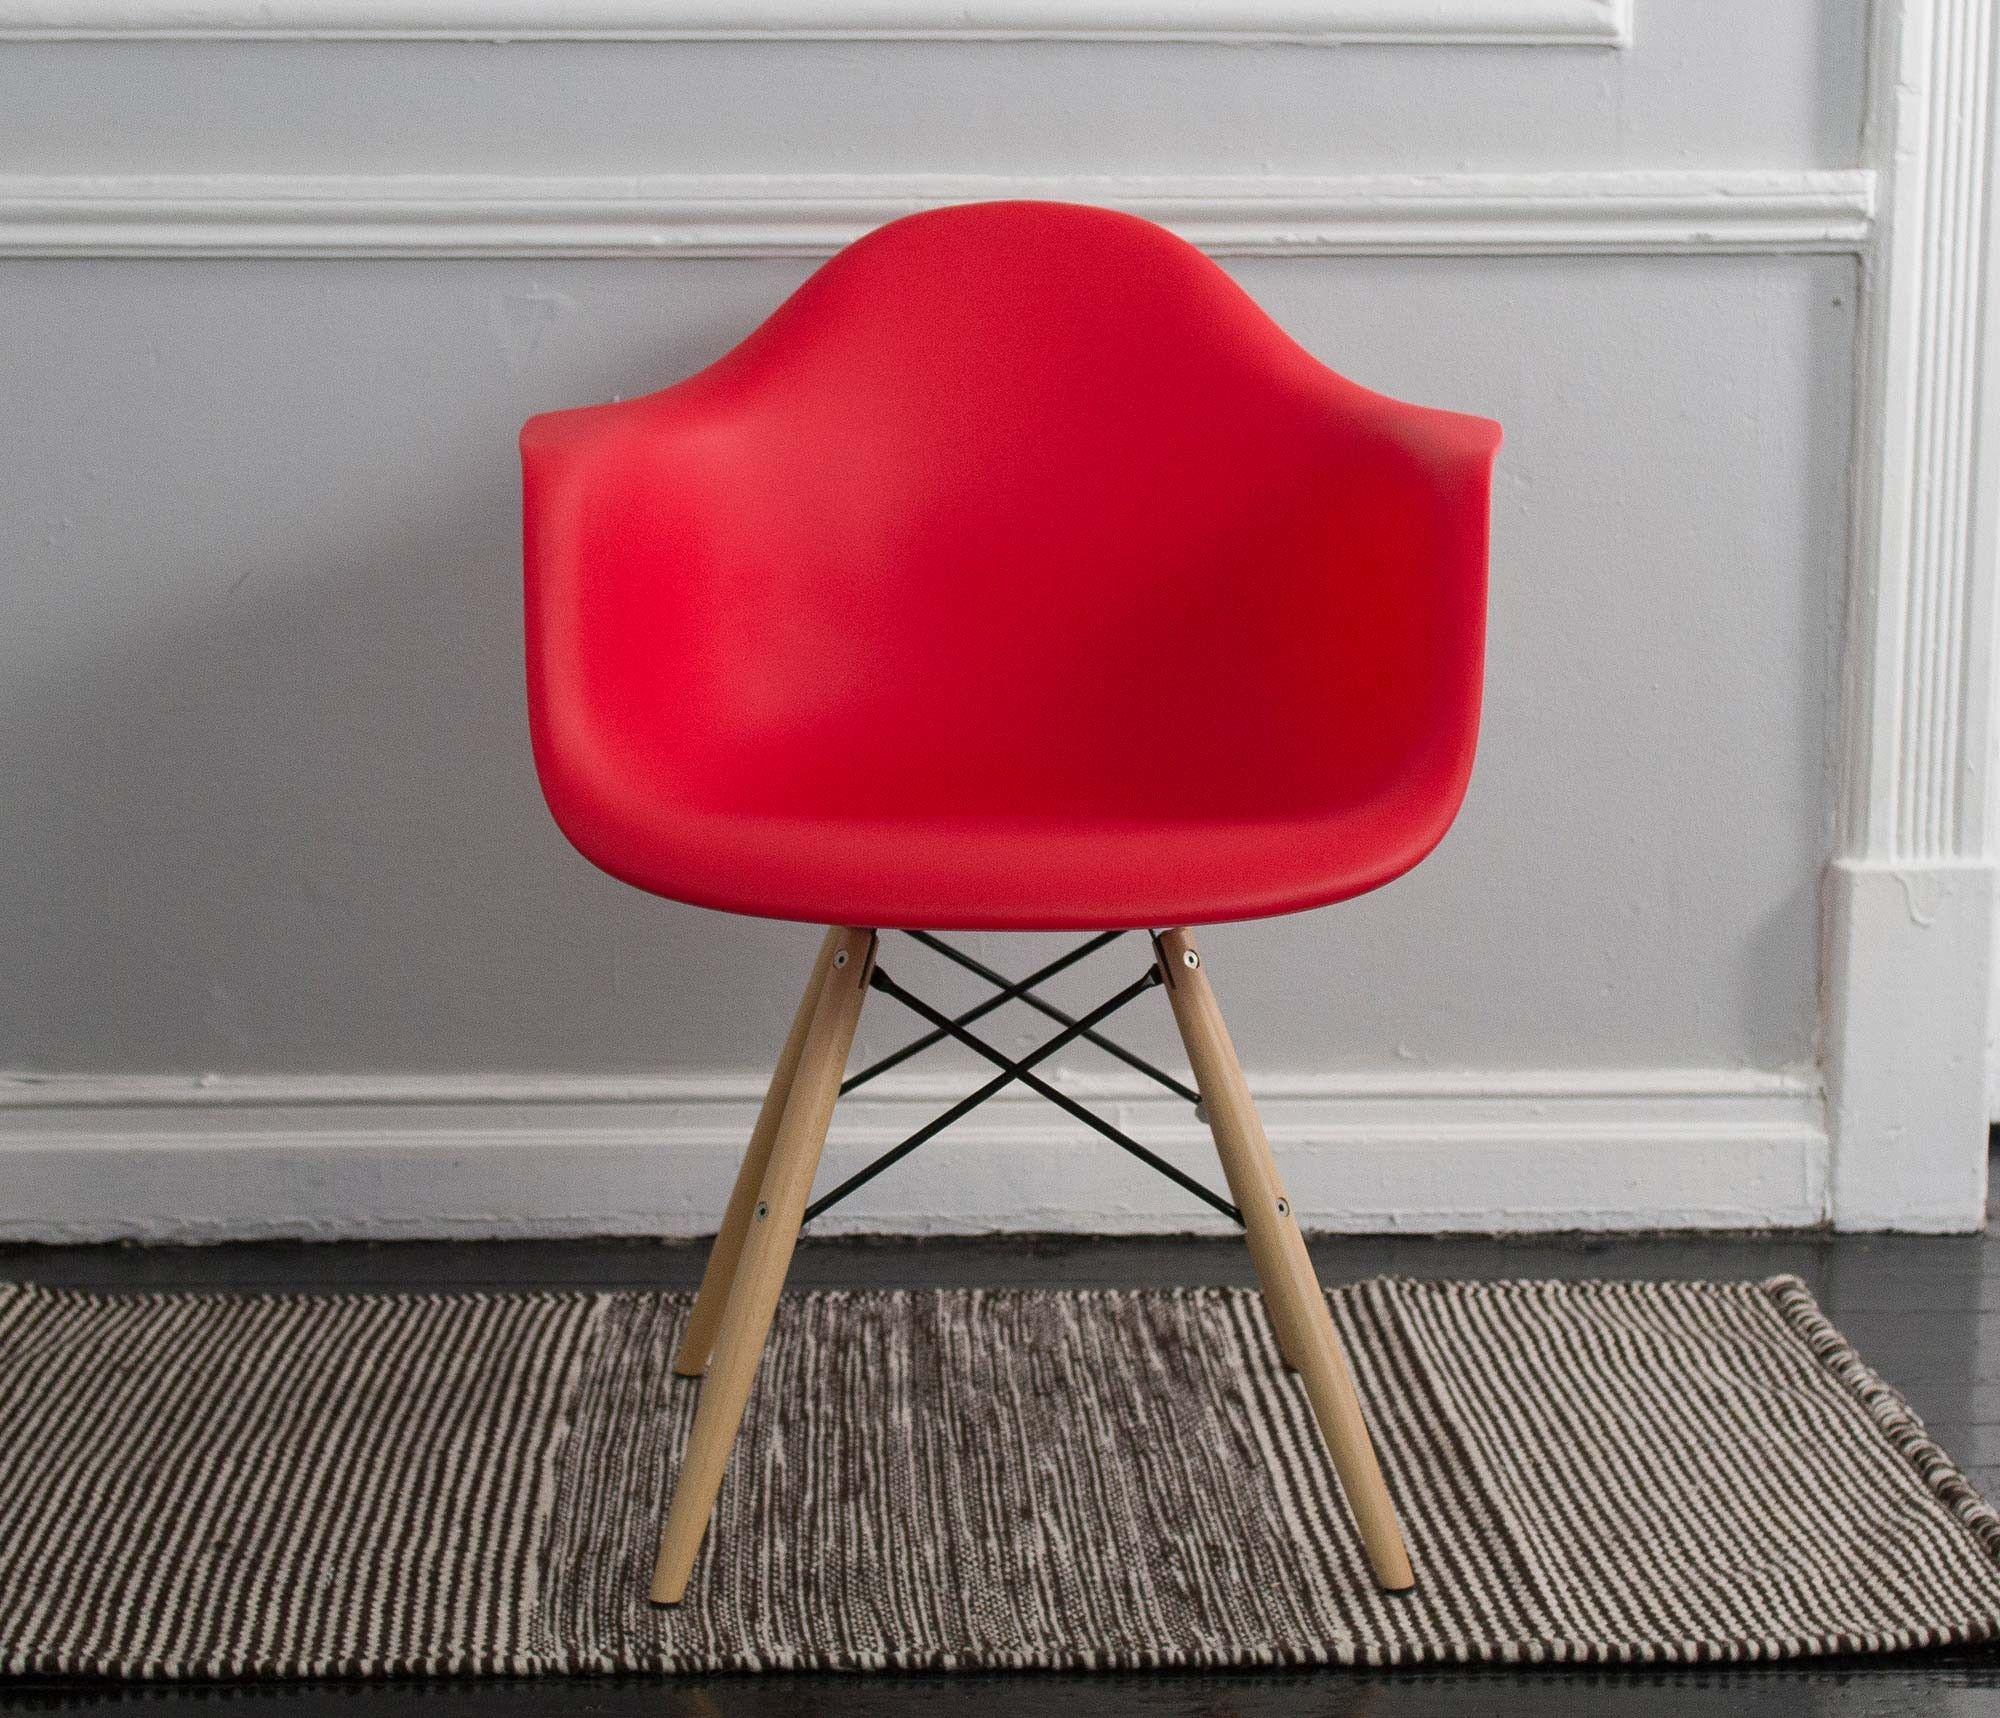 Silla Replica Eames Armchair | Diseños | Pinterest | Sillas